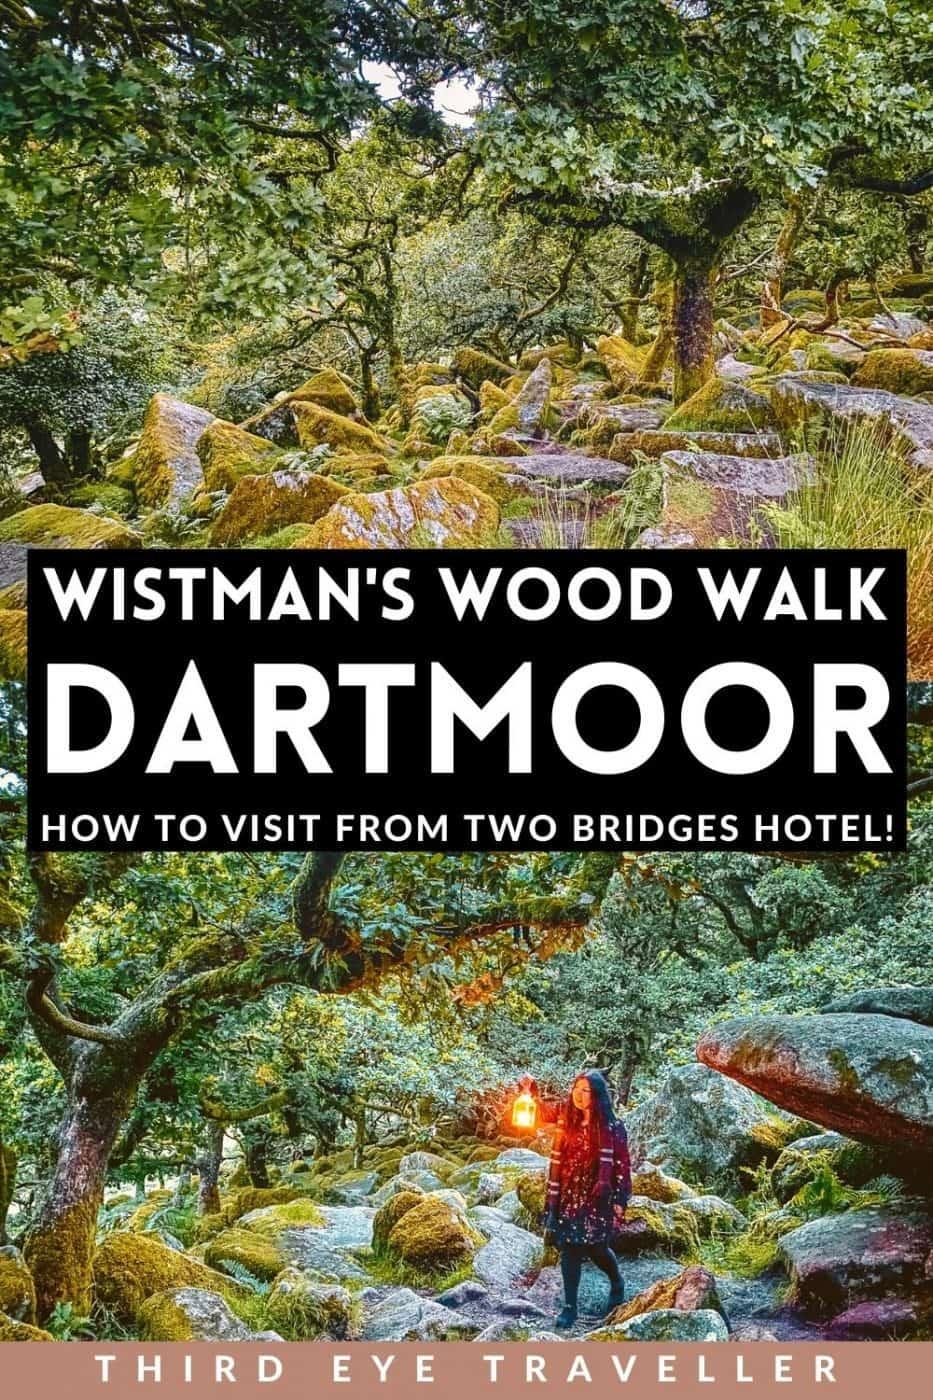 Wistmans Wood Walk Dartmoor from two bridges hotel directions